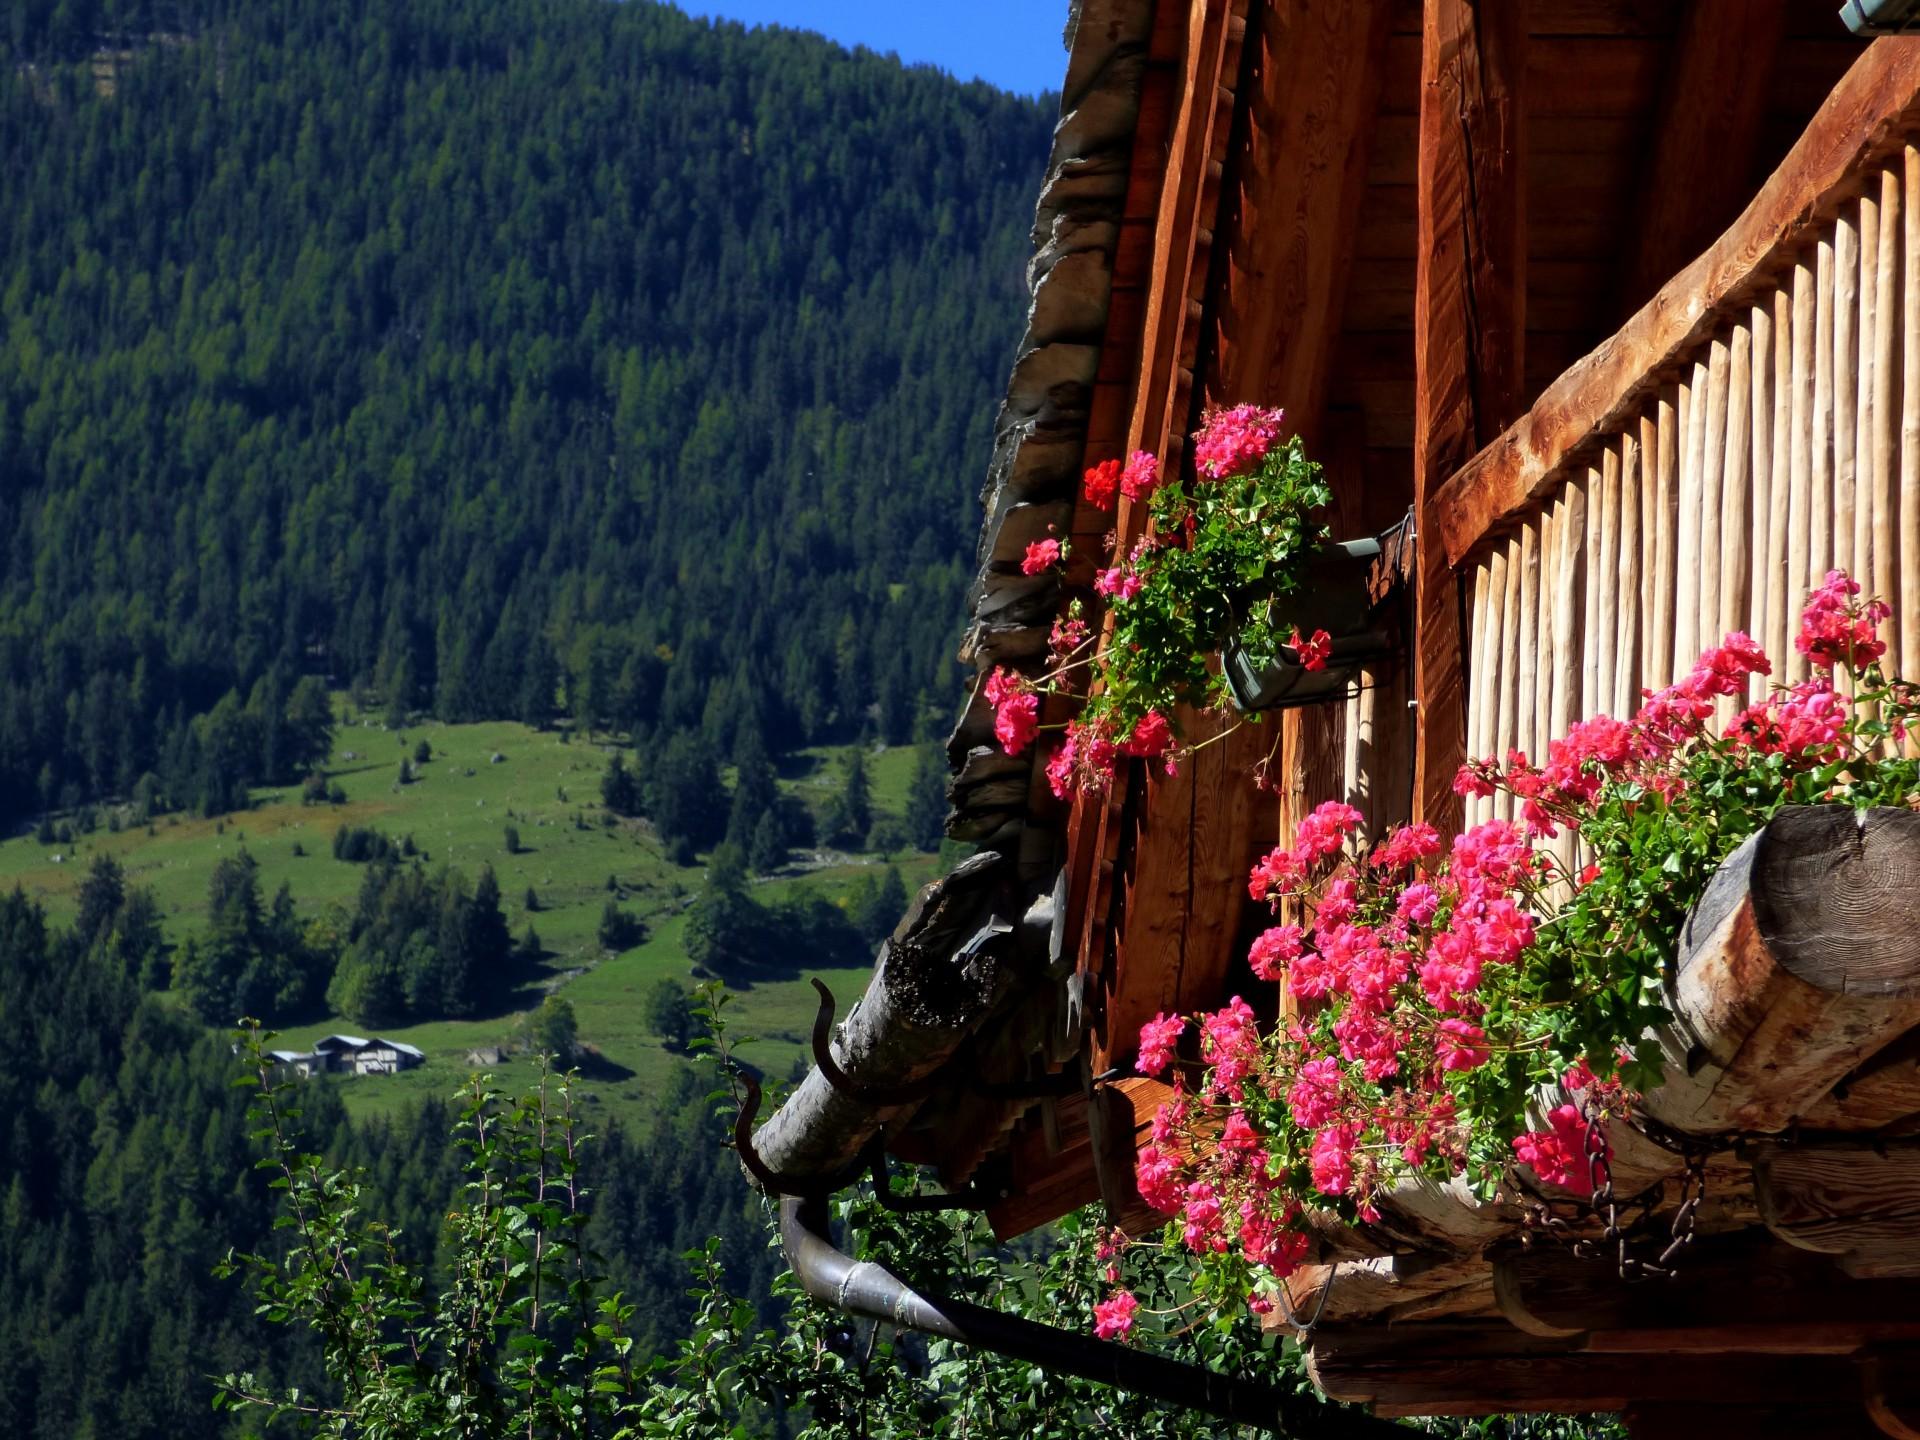 sejournez-dans-une-destination-authentique-nancroix-fleuri-peisey-vallandry-1532